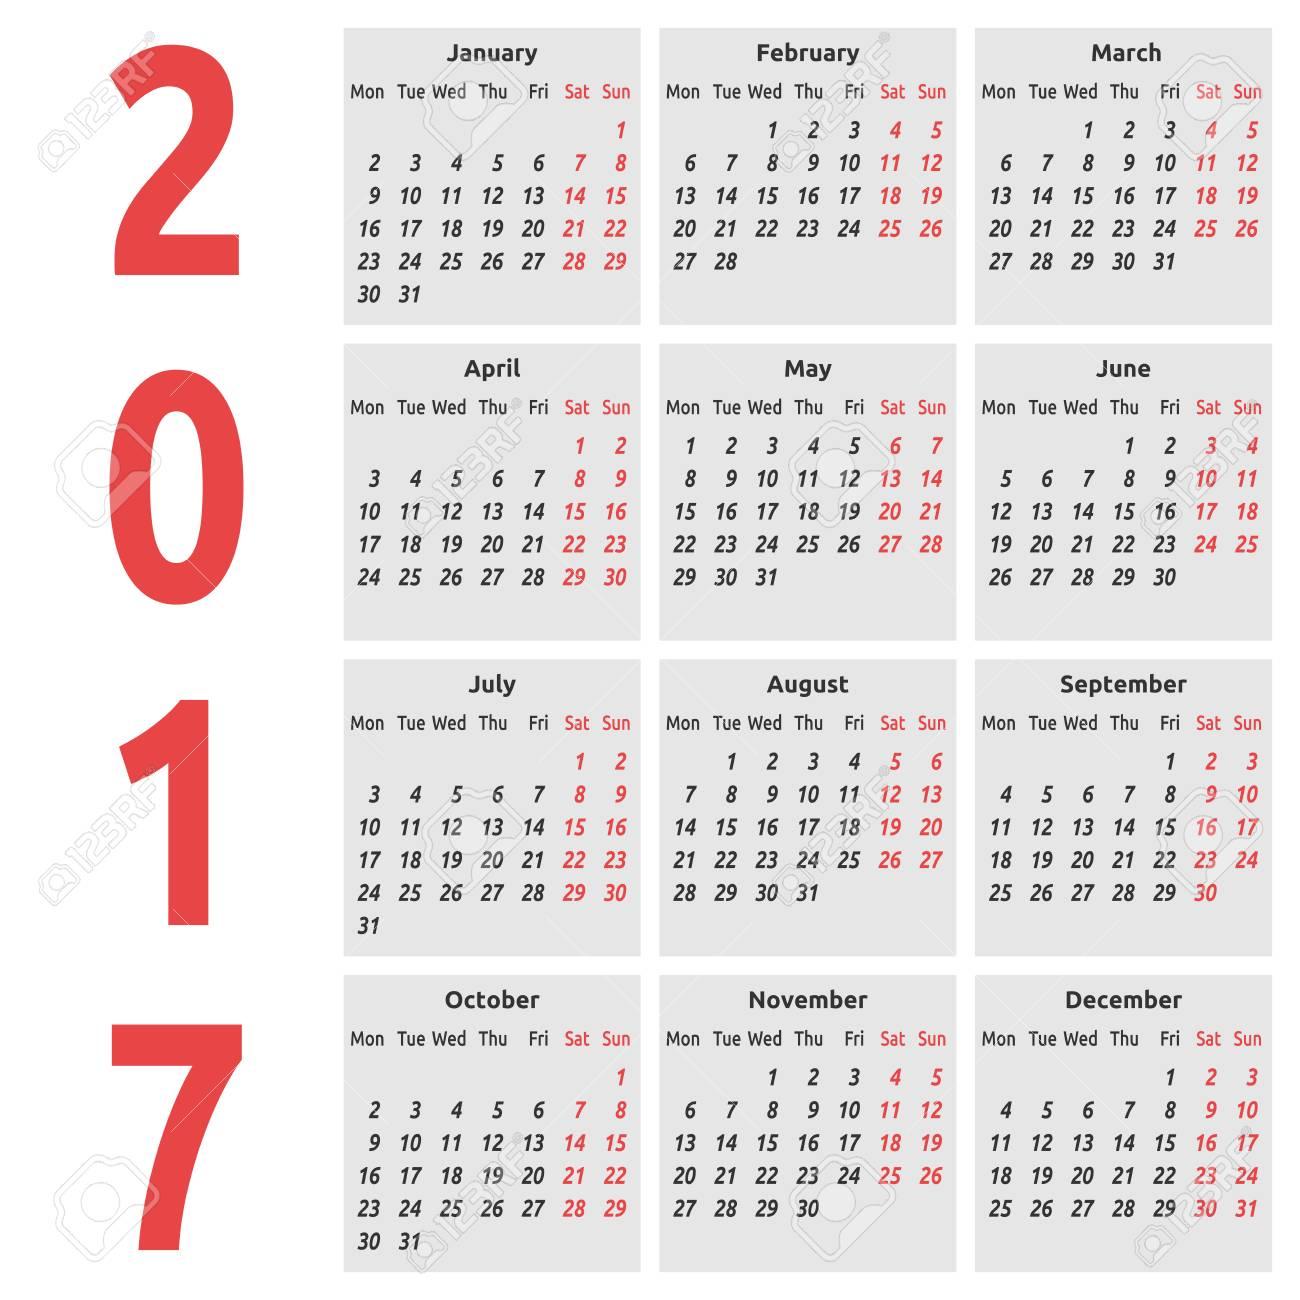 Calendario Internazionale.Calendario Internazionale Semplice Per L Anno 2017 Settimana Inizia Lunedi Illustrazione Vettoriale Eps 8 Nessuna Trasparenza